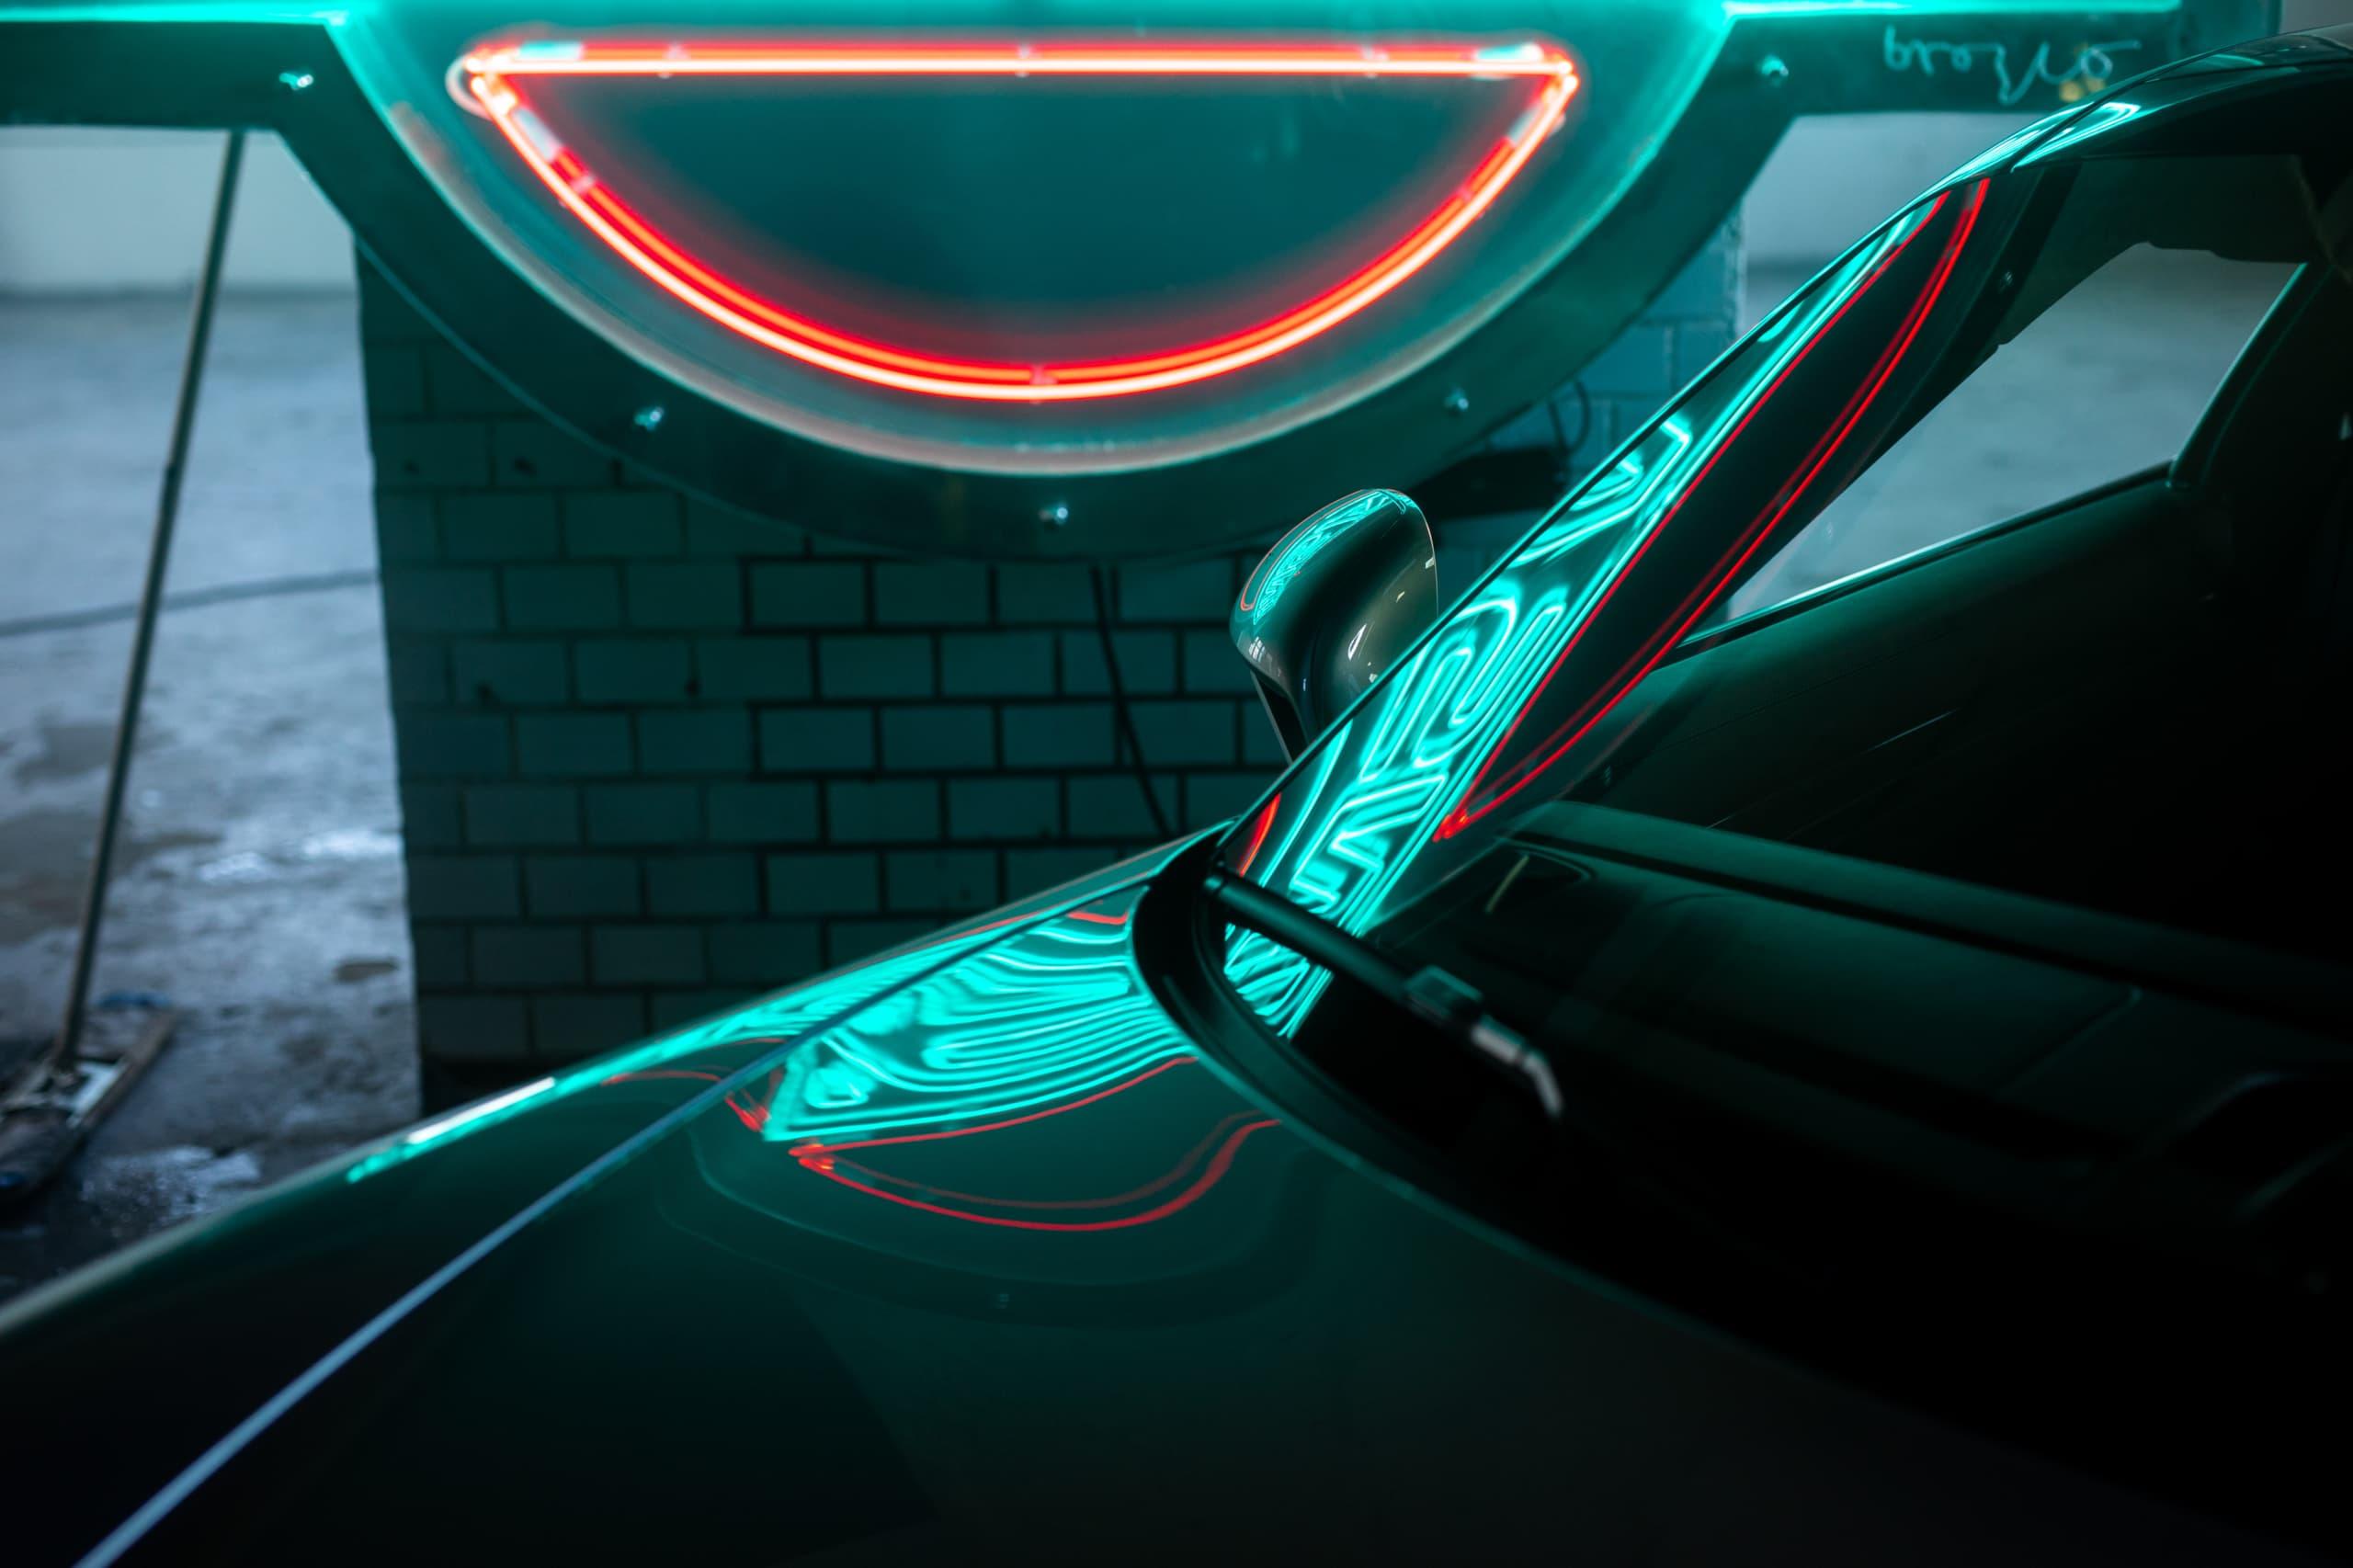 Kimm Saatvedt – BROSLO for Porsche